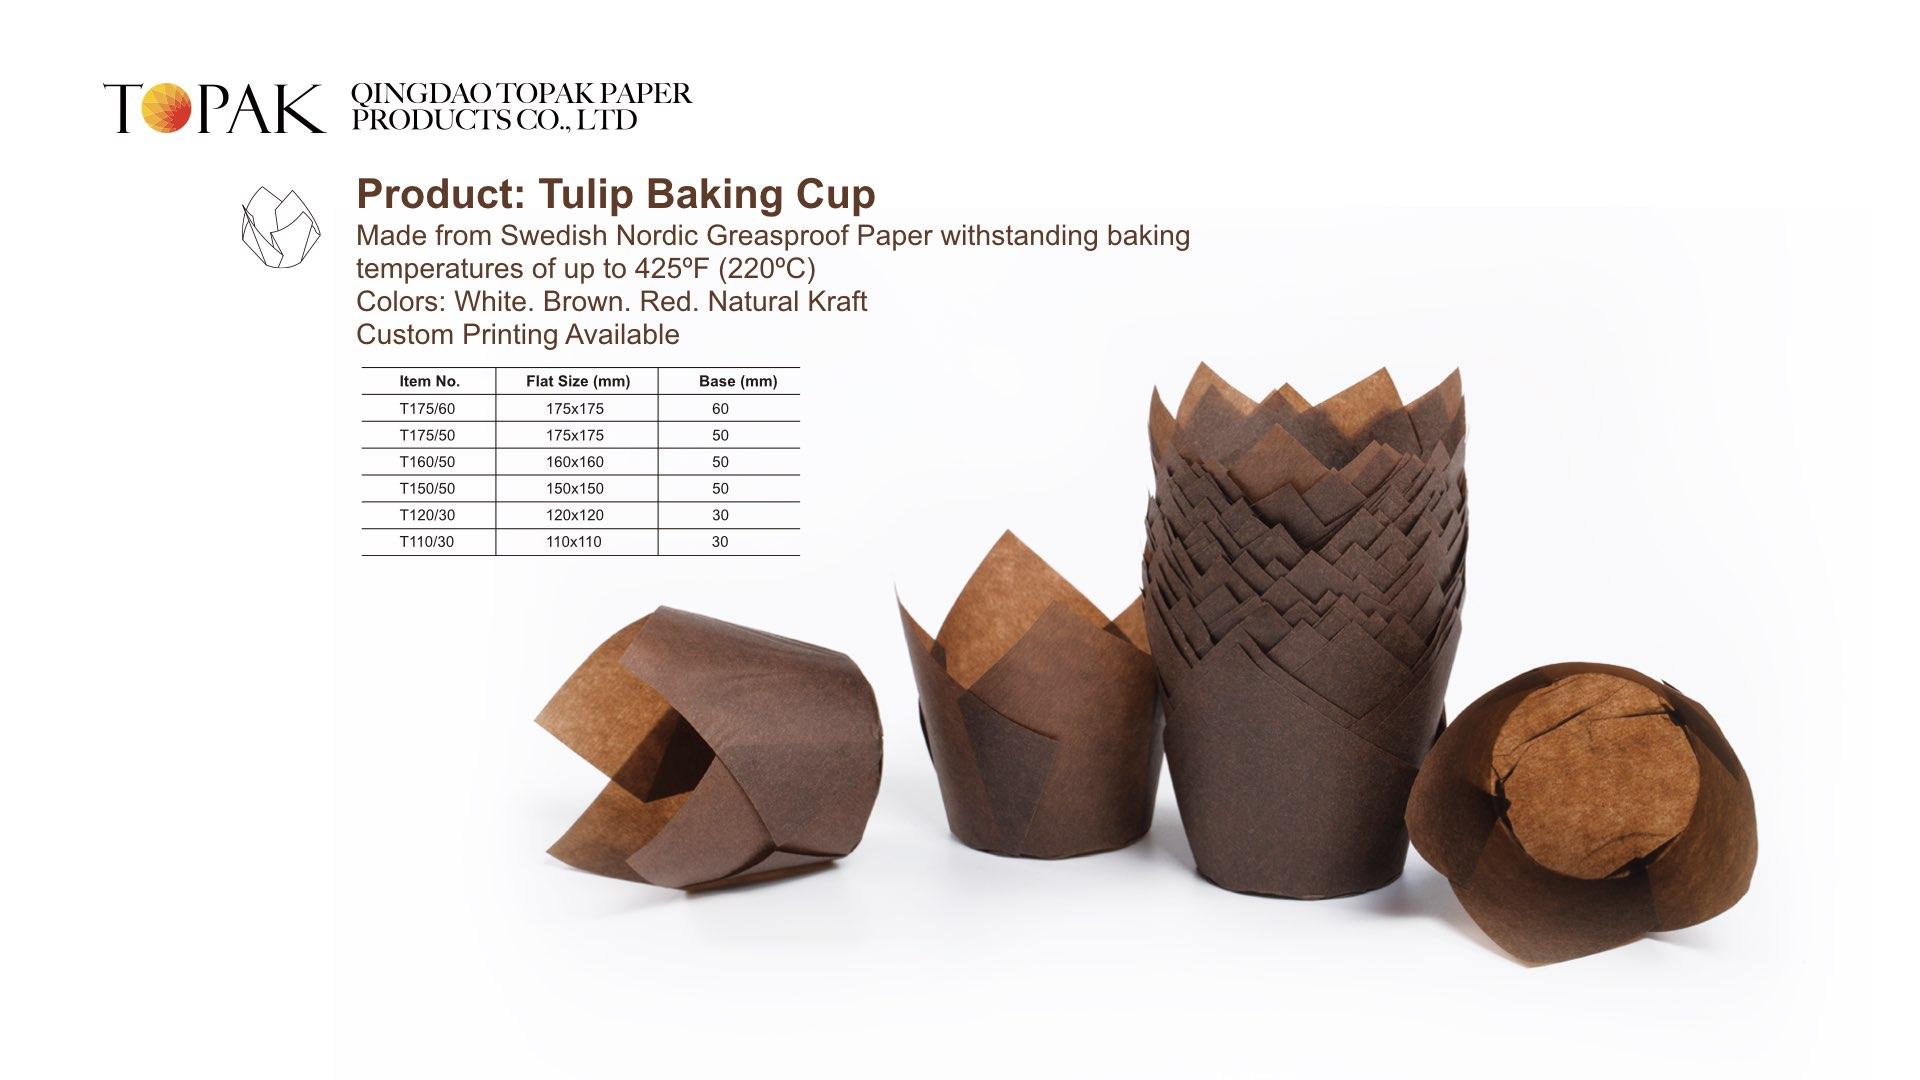 瑞典进口防油纸郁金香蛋糕杯出口欧美